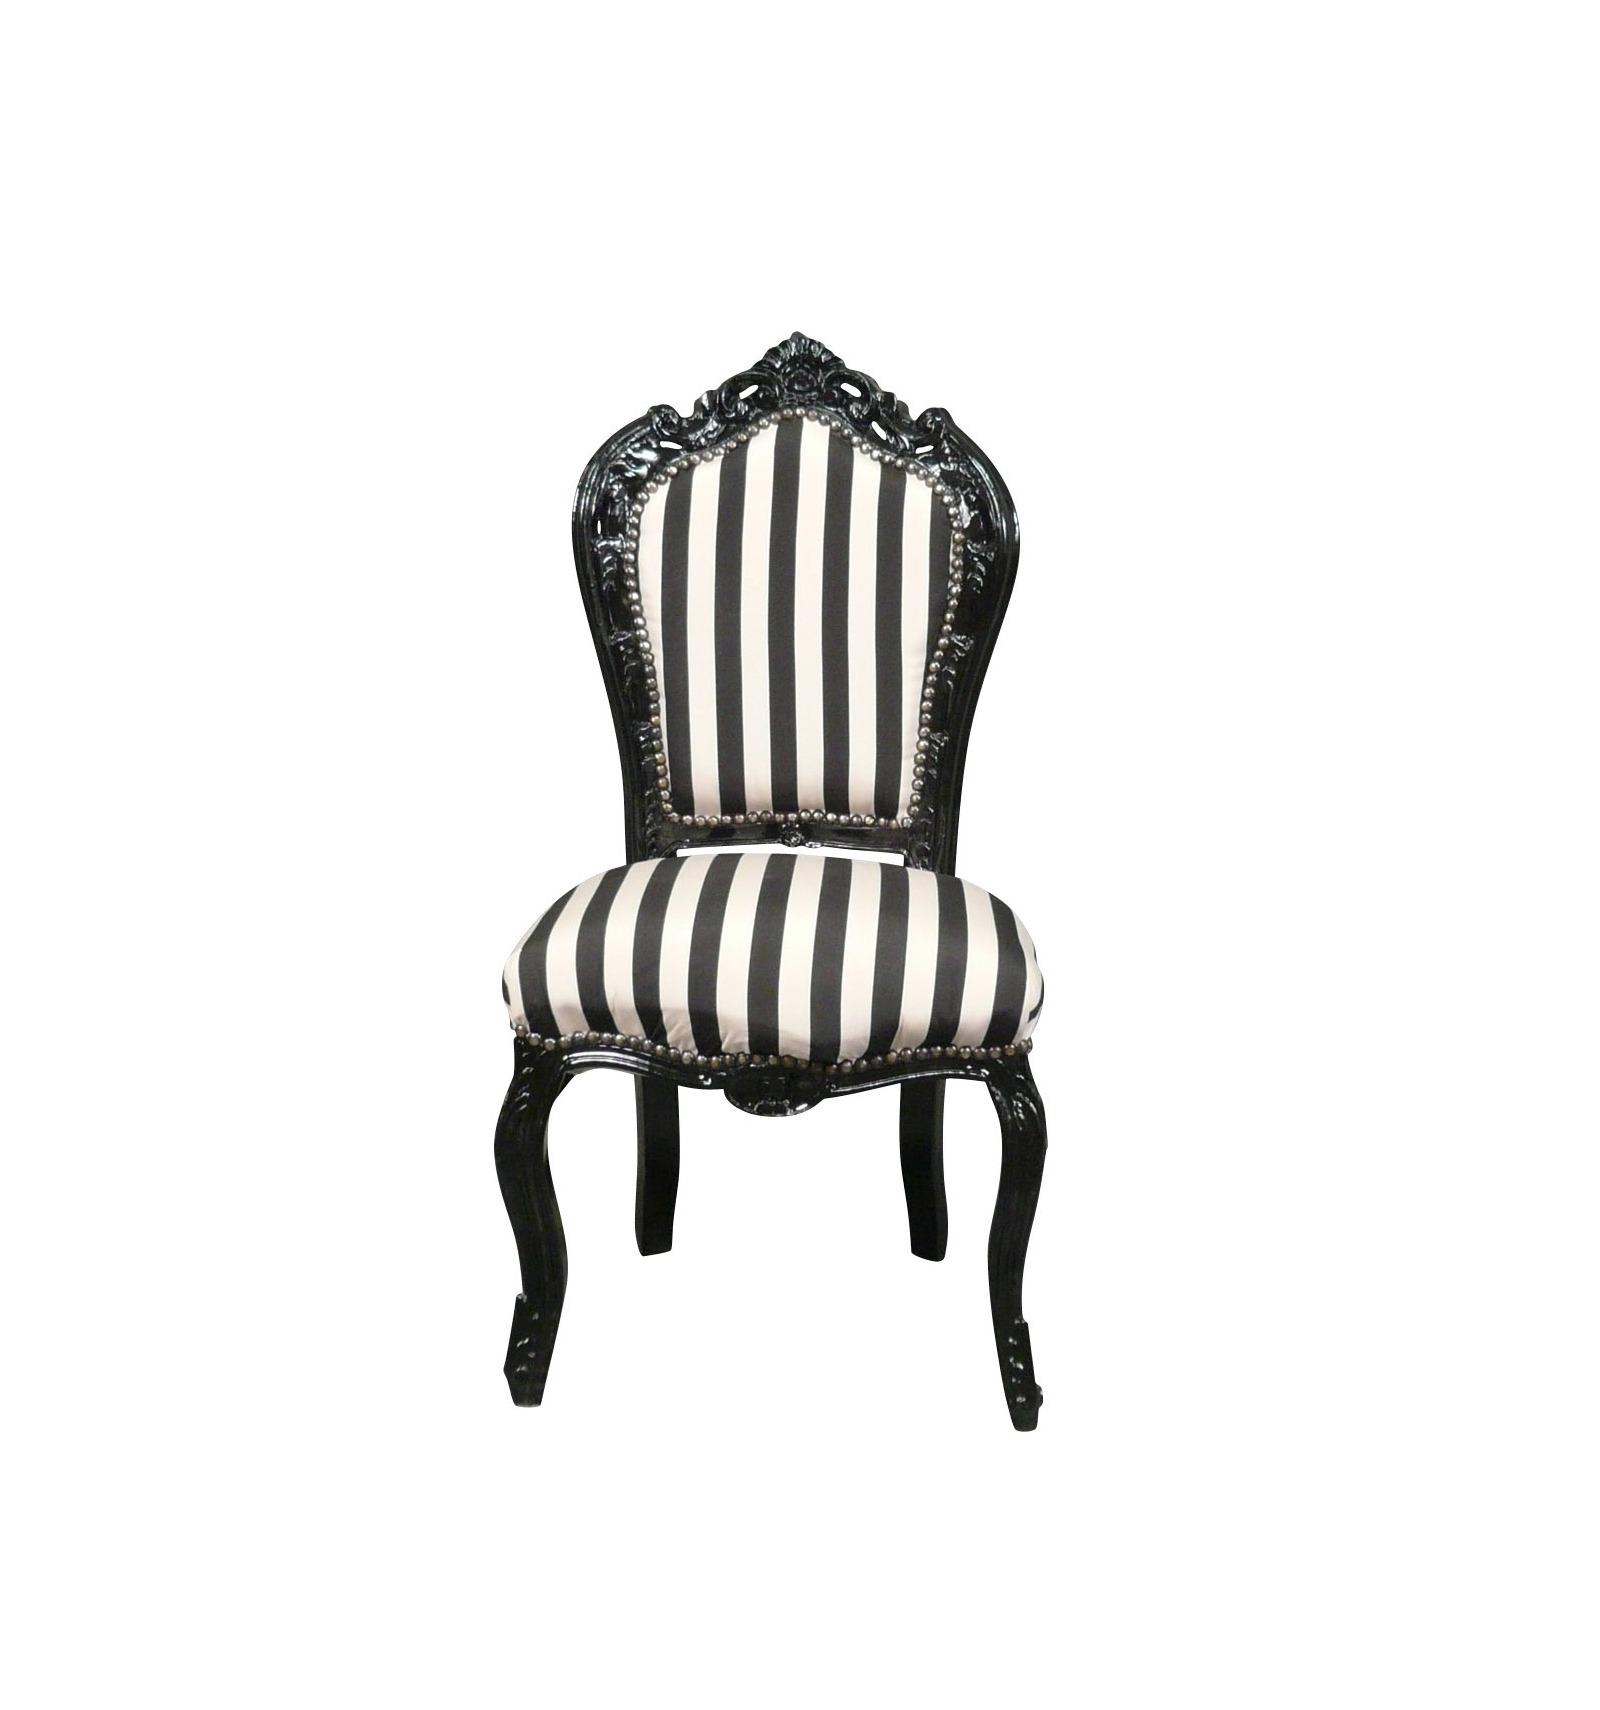 Barock Stuhl schwarz und weiß Louis XV Stil Möbel